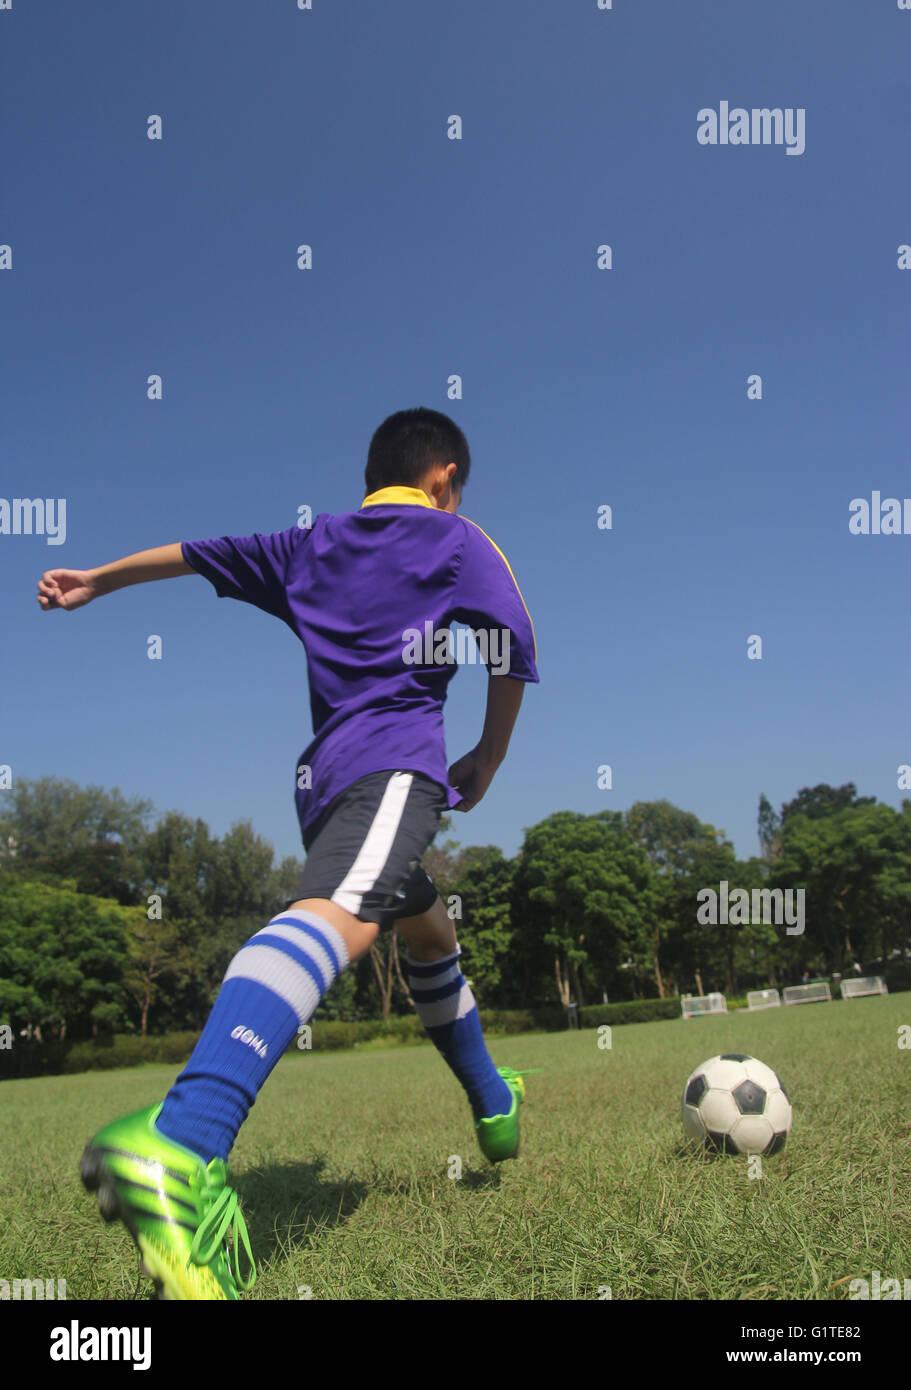 El niño goleador adolescente disparar ejercicio estimular hierba sun día shoot kick alto poder disparar Imagen De Stock